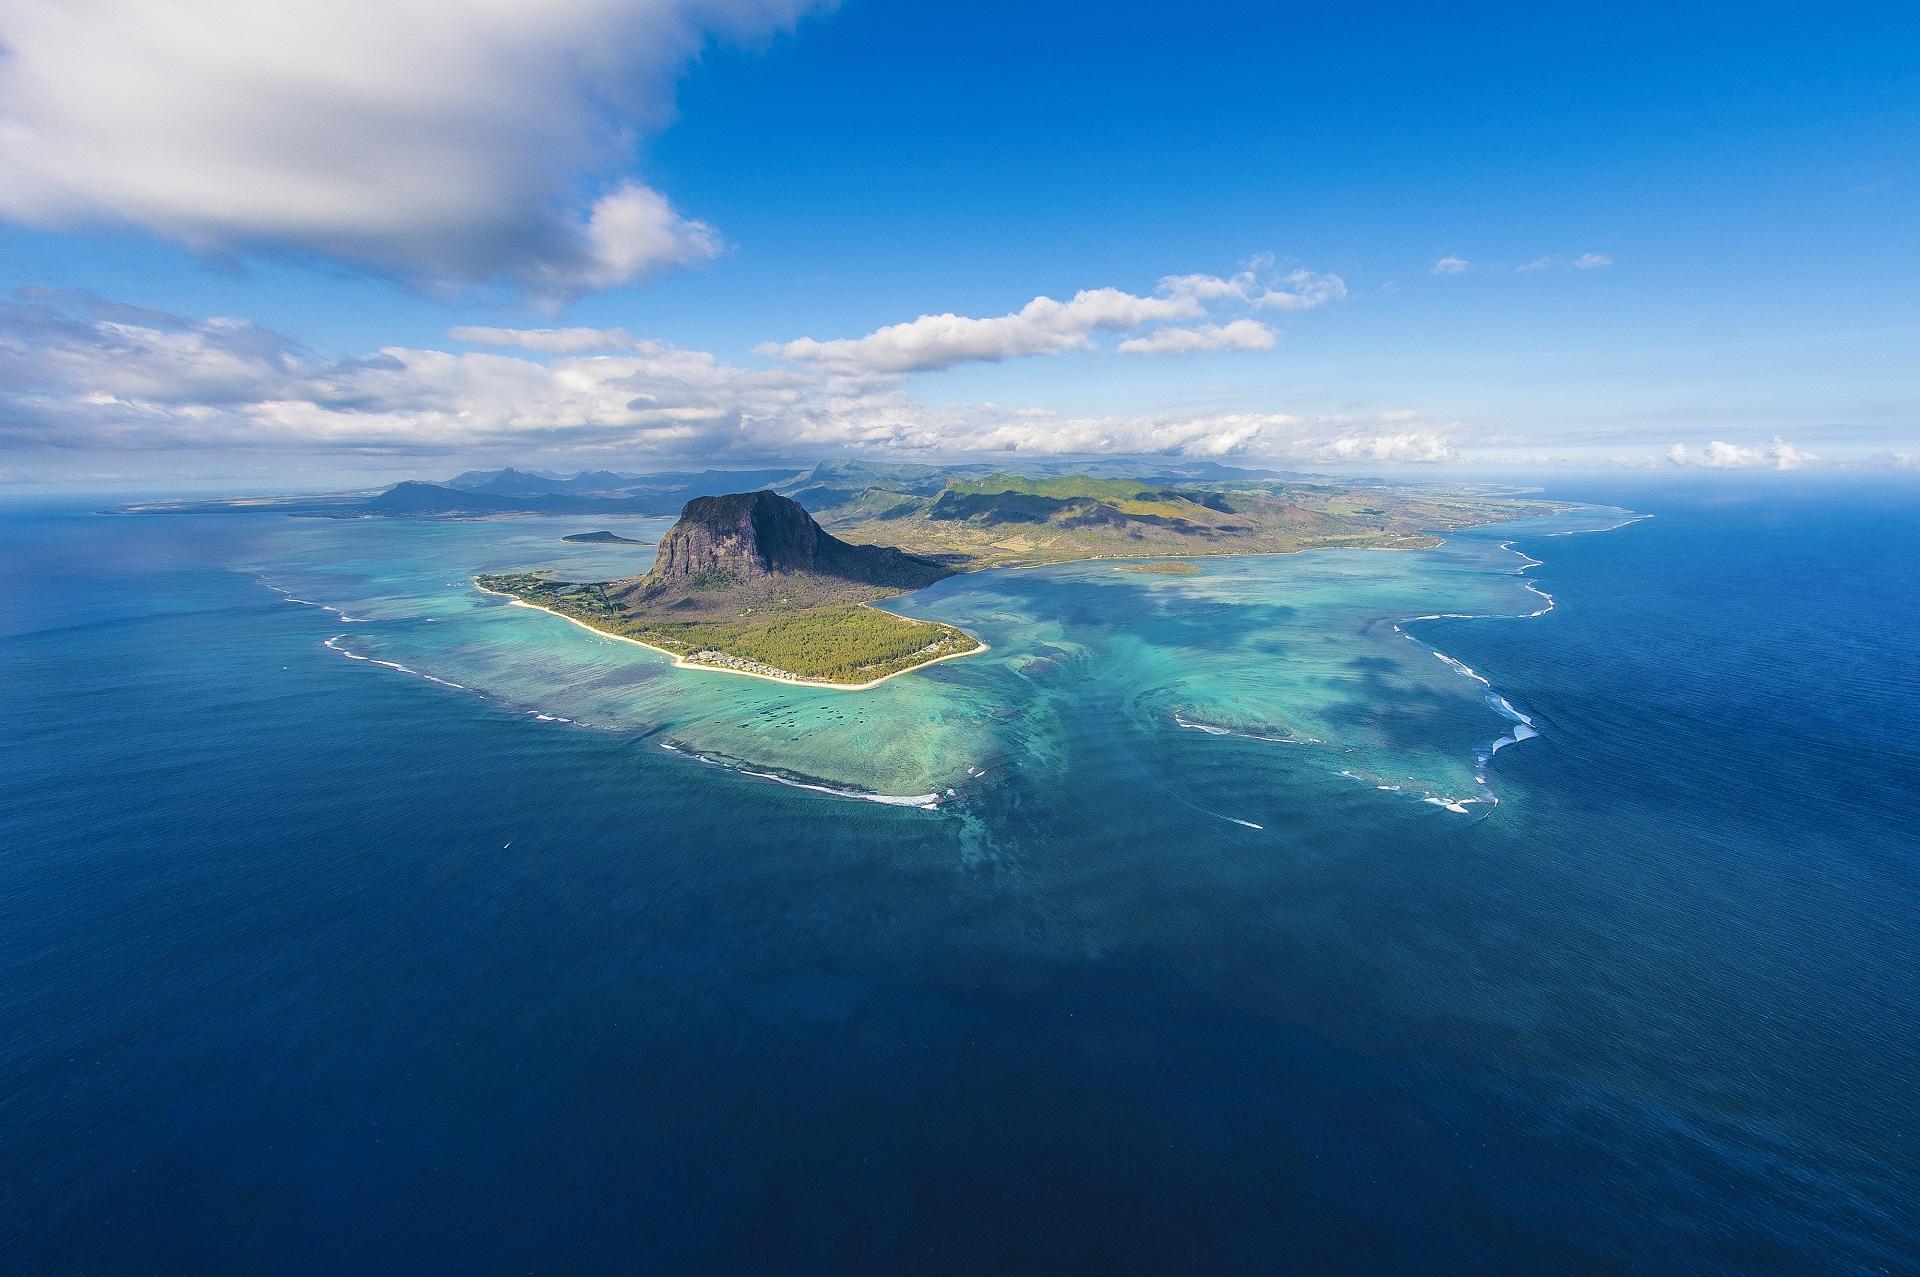 Naturphänomen an der südwestlichen Spitze von Mauritius, direkt vor dem berühmten Berg Le Morne Brabant.